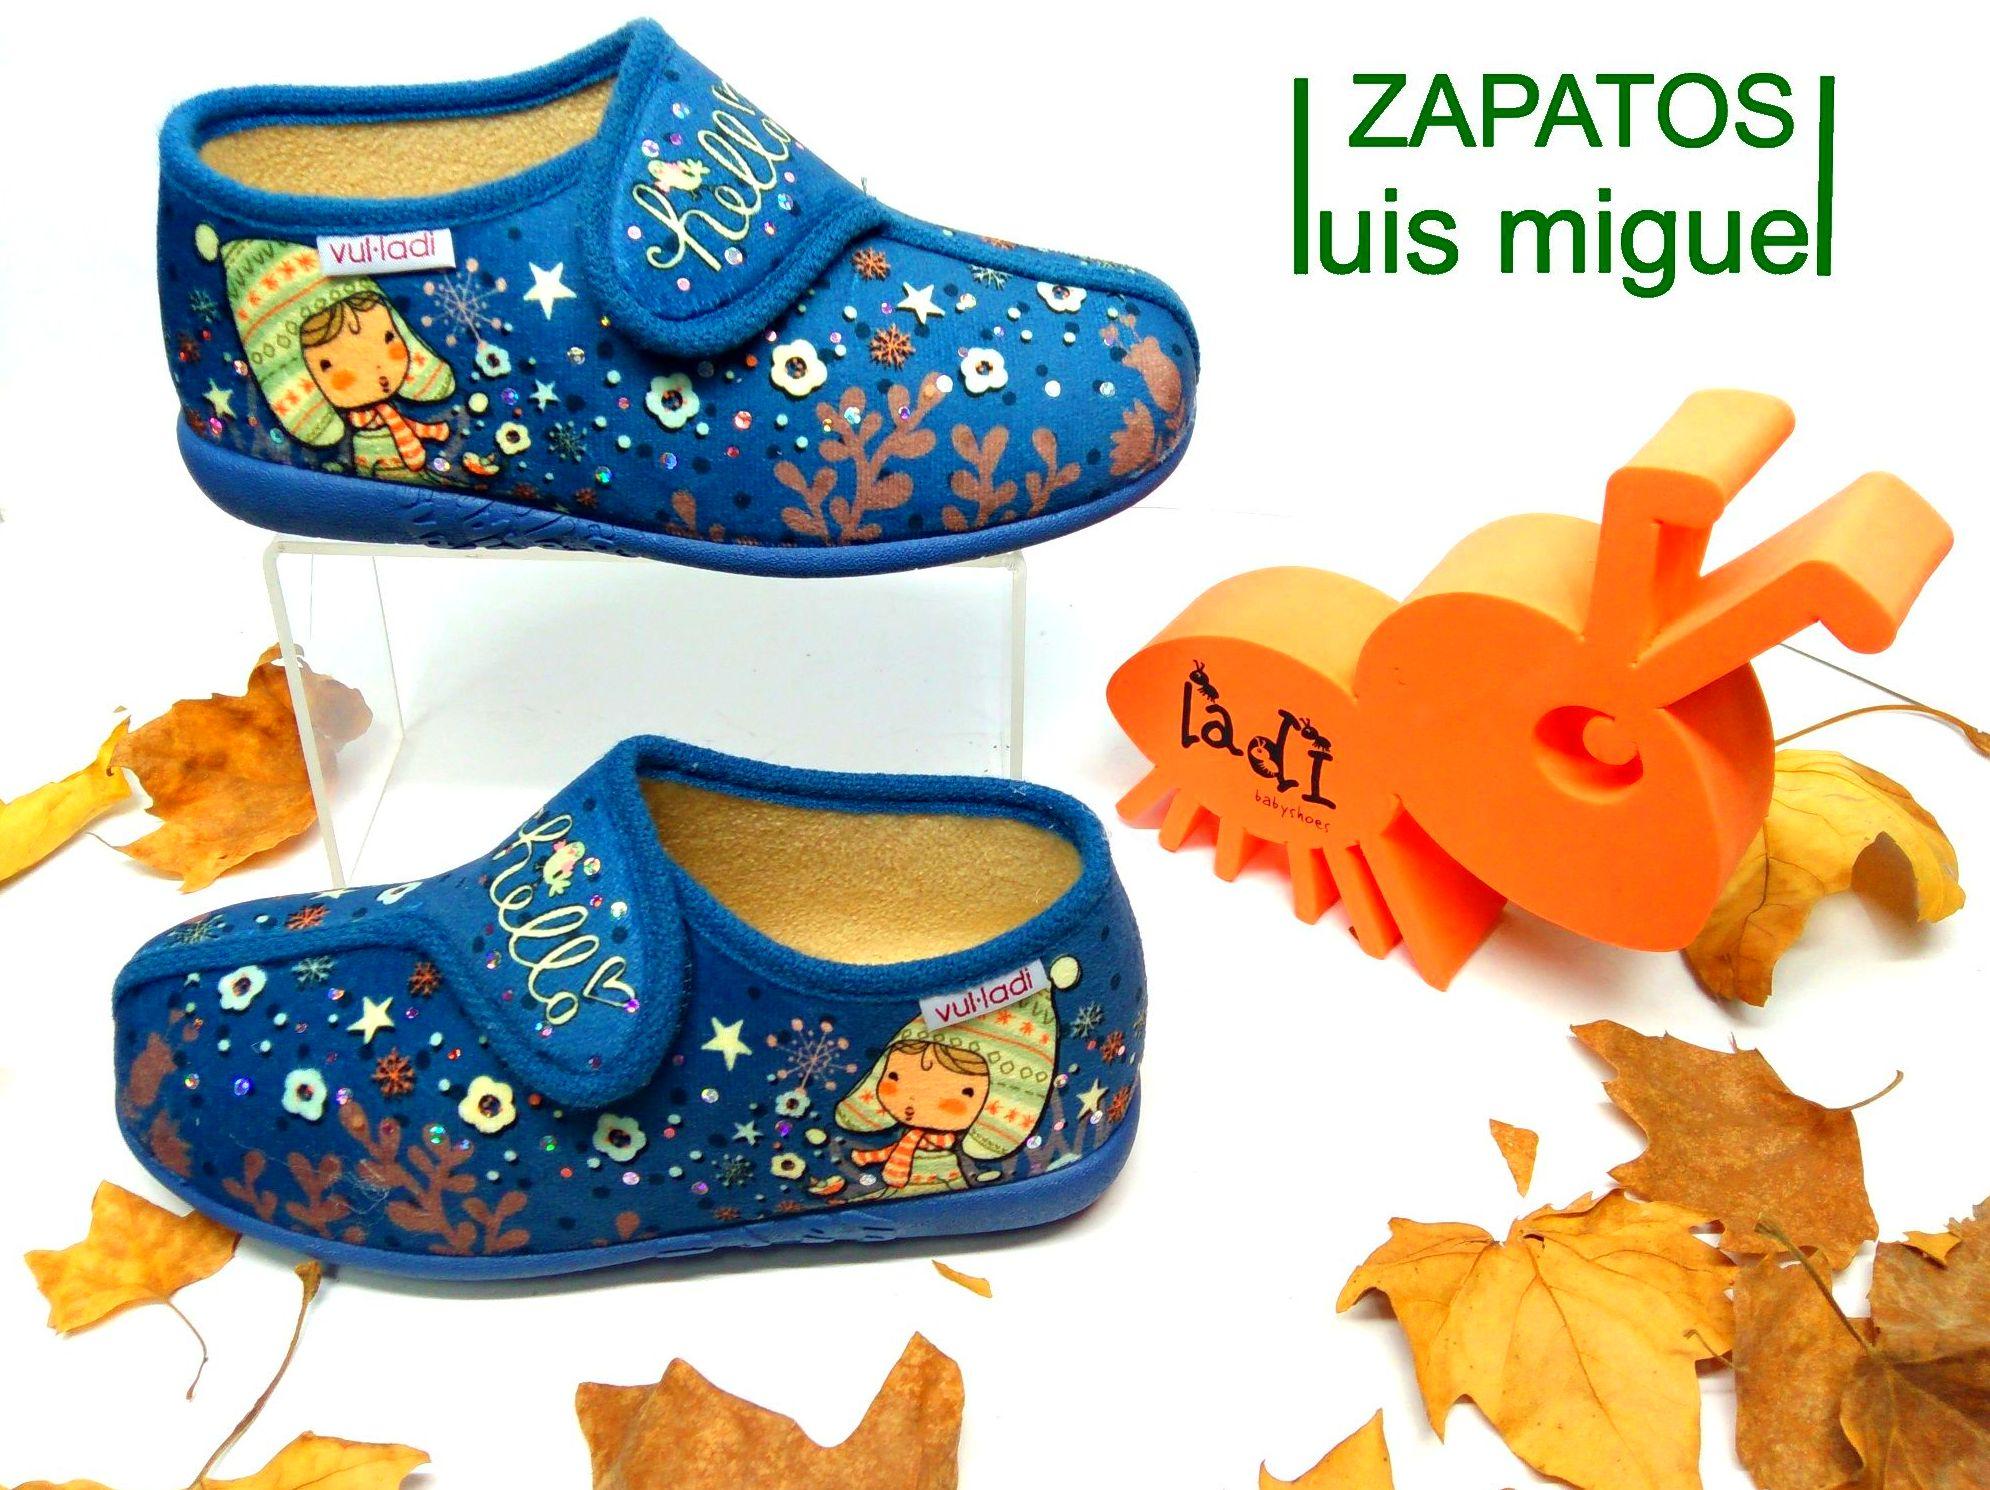 zapatillas de niña: Catalogo de productos de Zapatos Luis Miguel